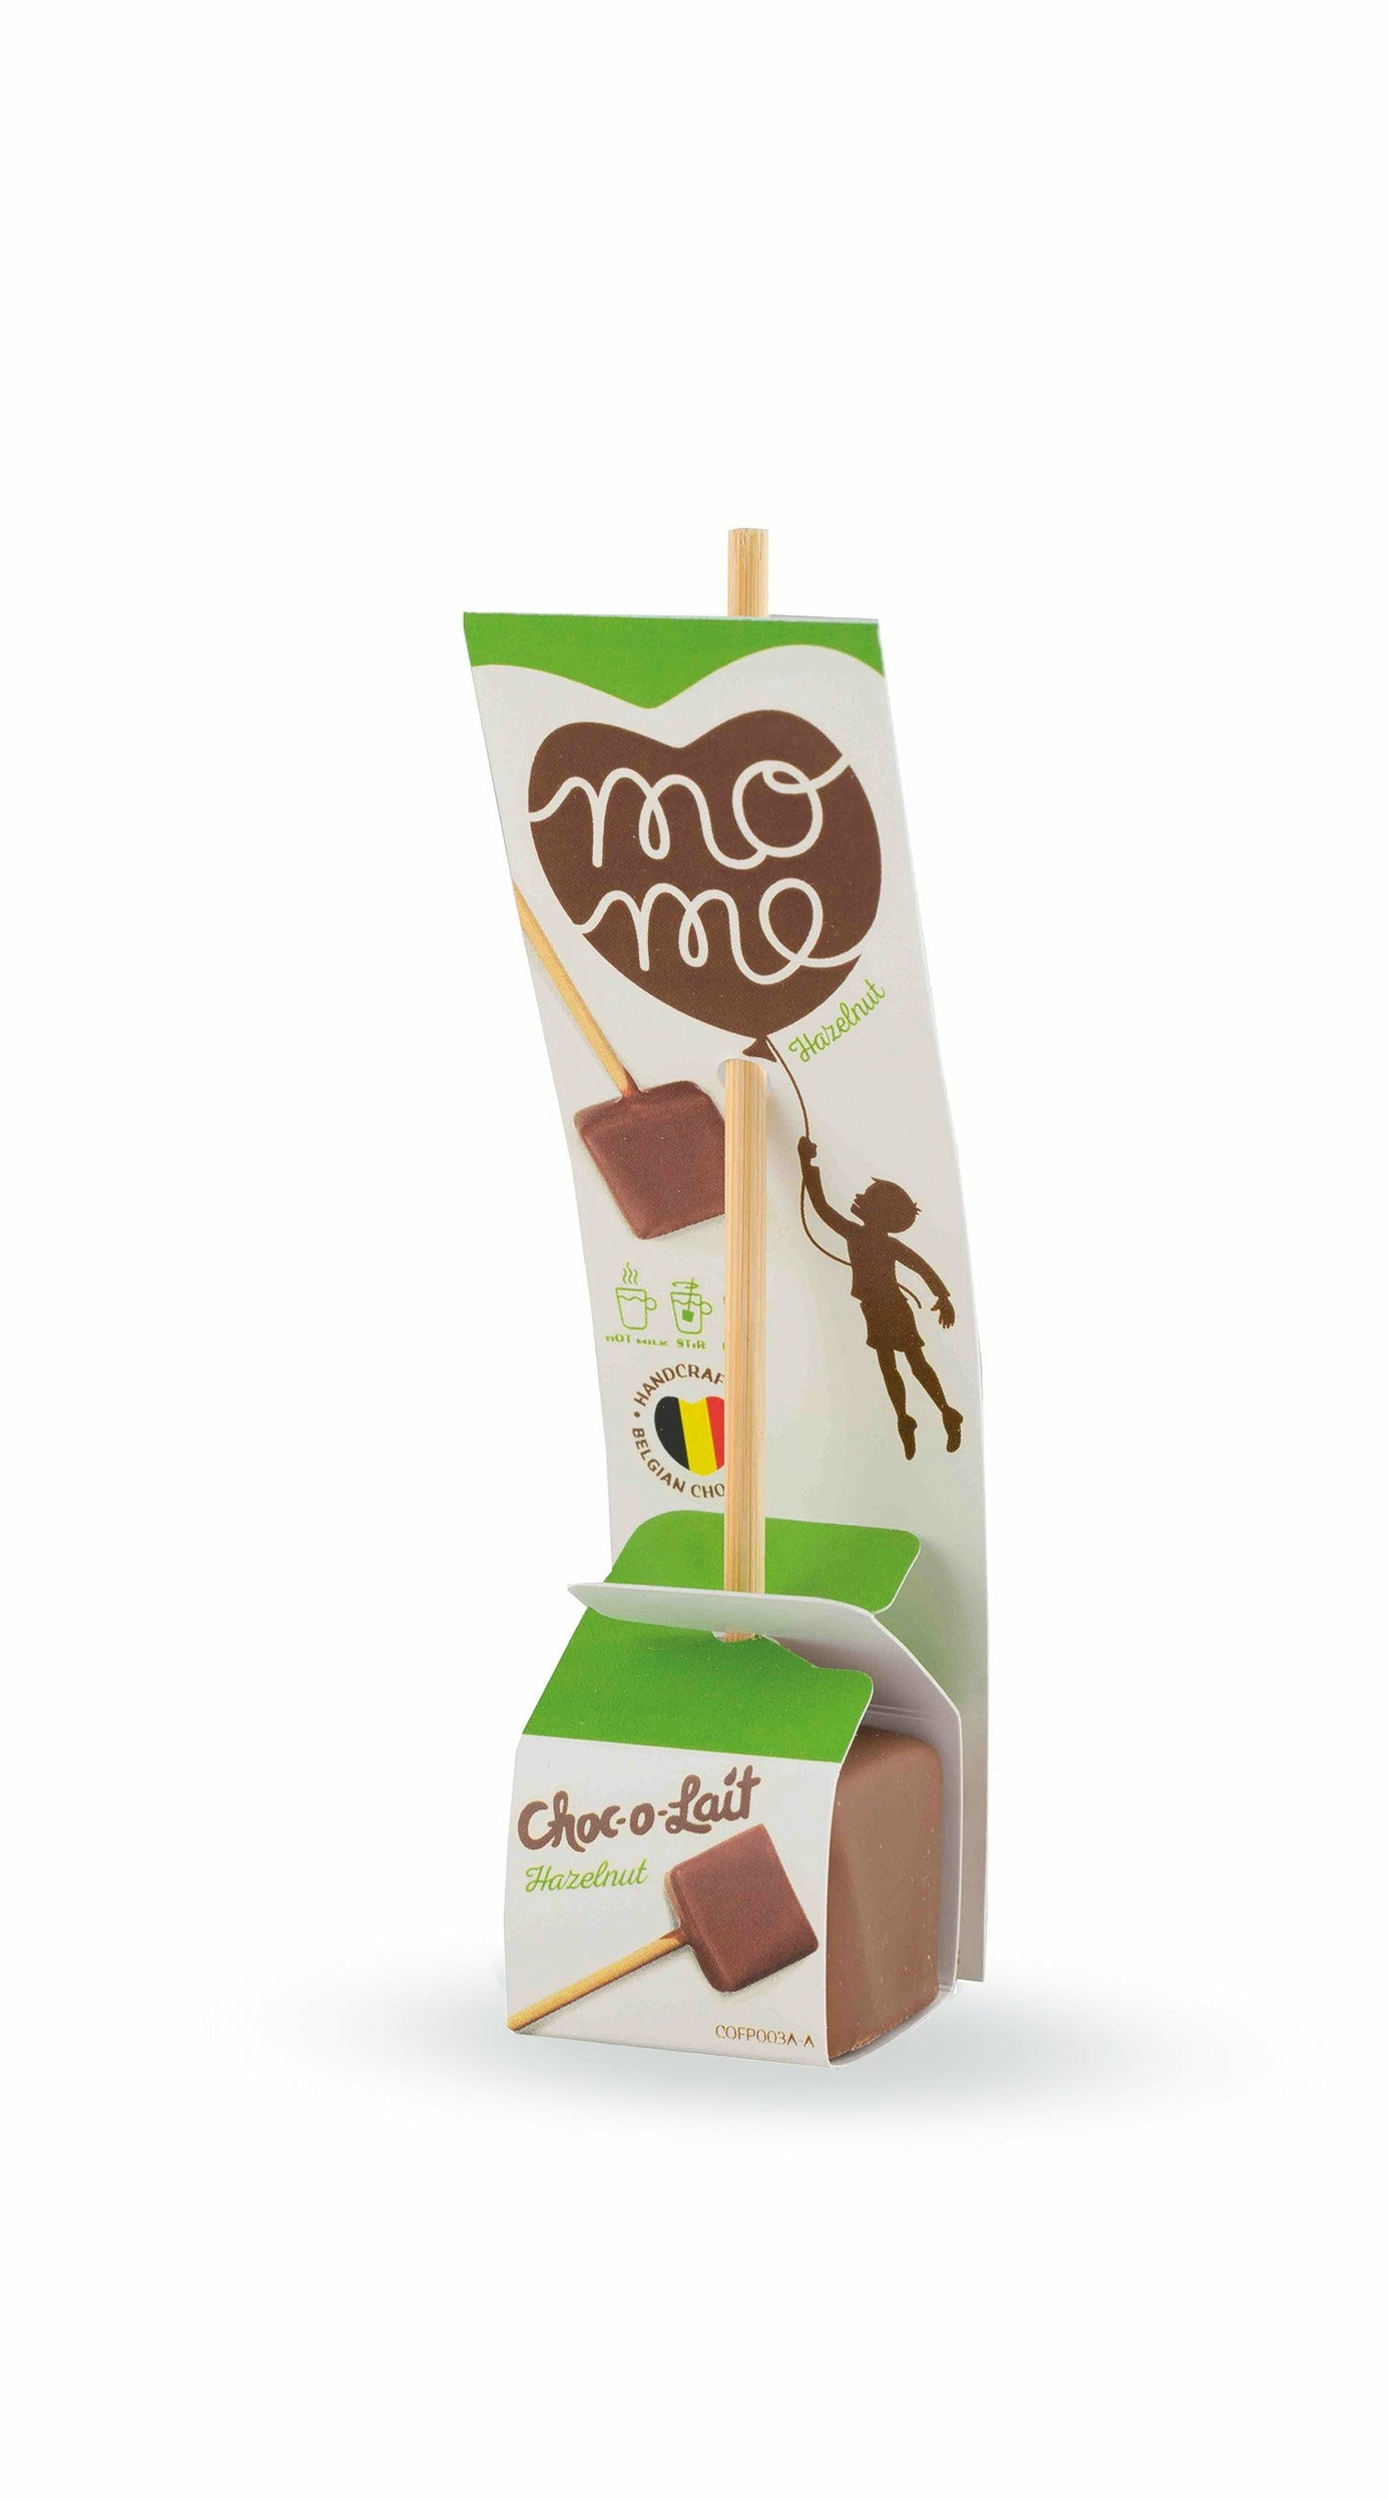 Choc-o-lait - Bâtonnet de Chocolat à la Noisette - 33g -